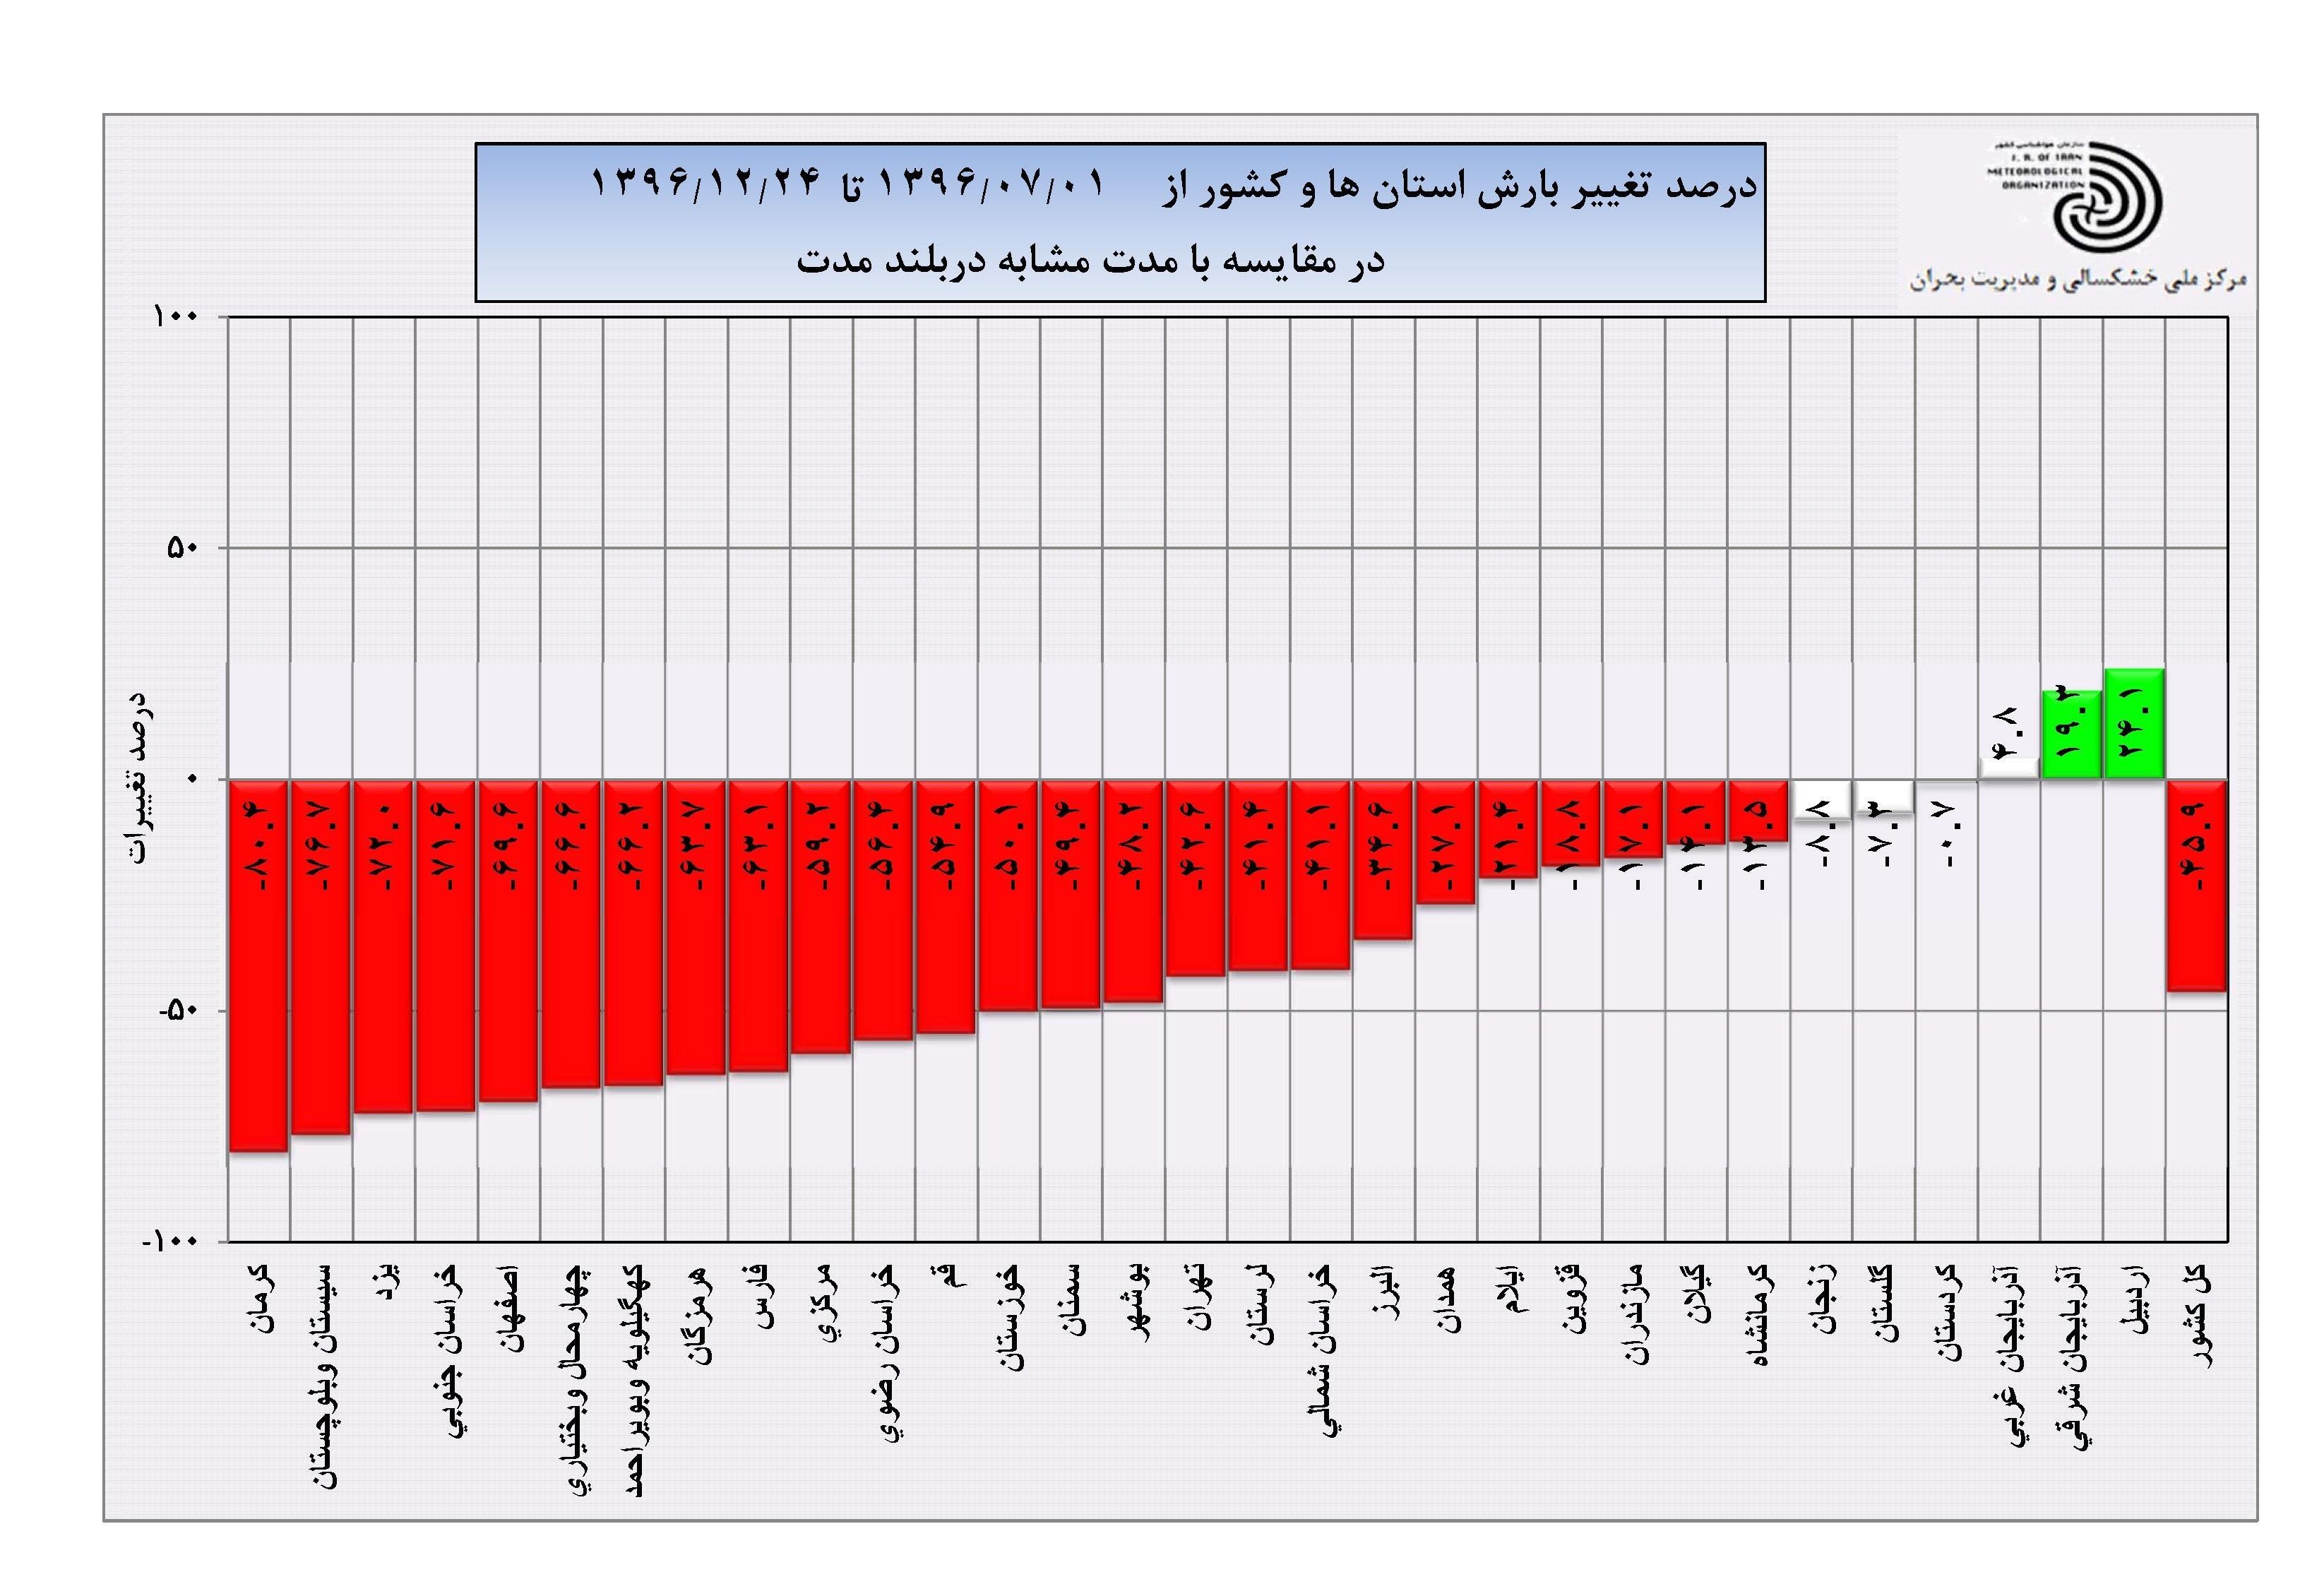 بارش فقط در ۳ استان کشور مثبت است! +نمودار